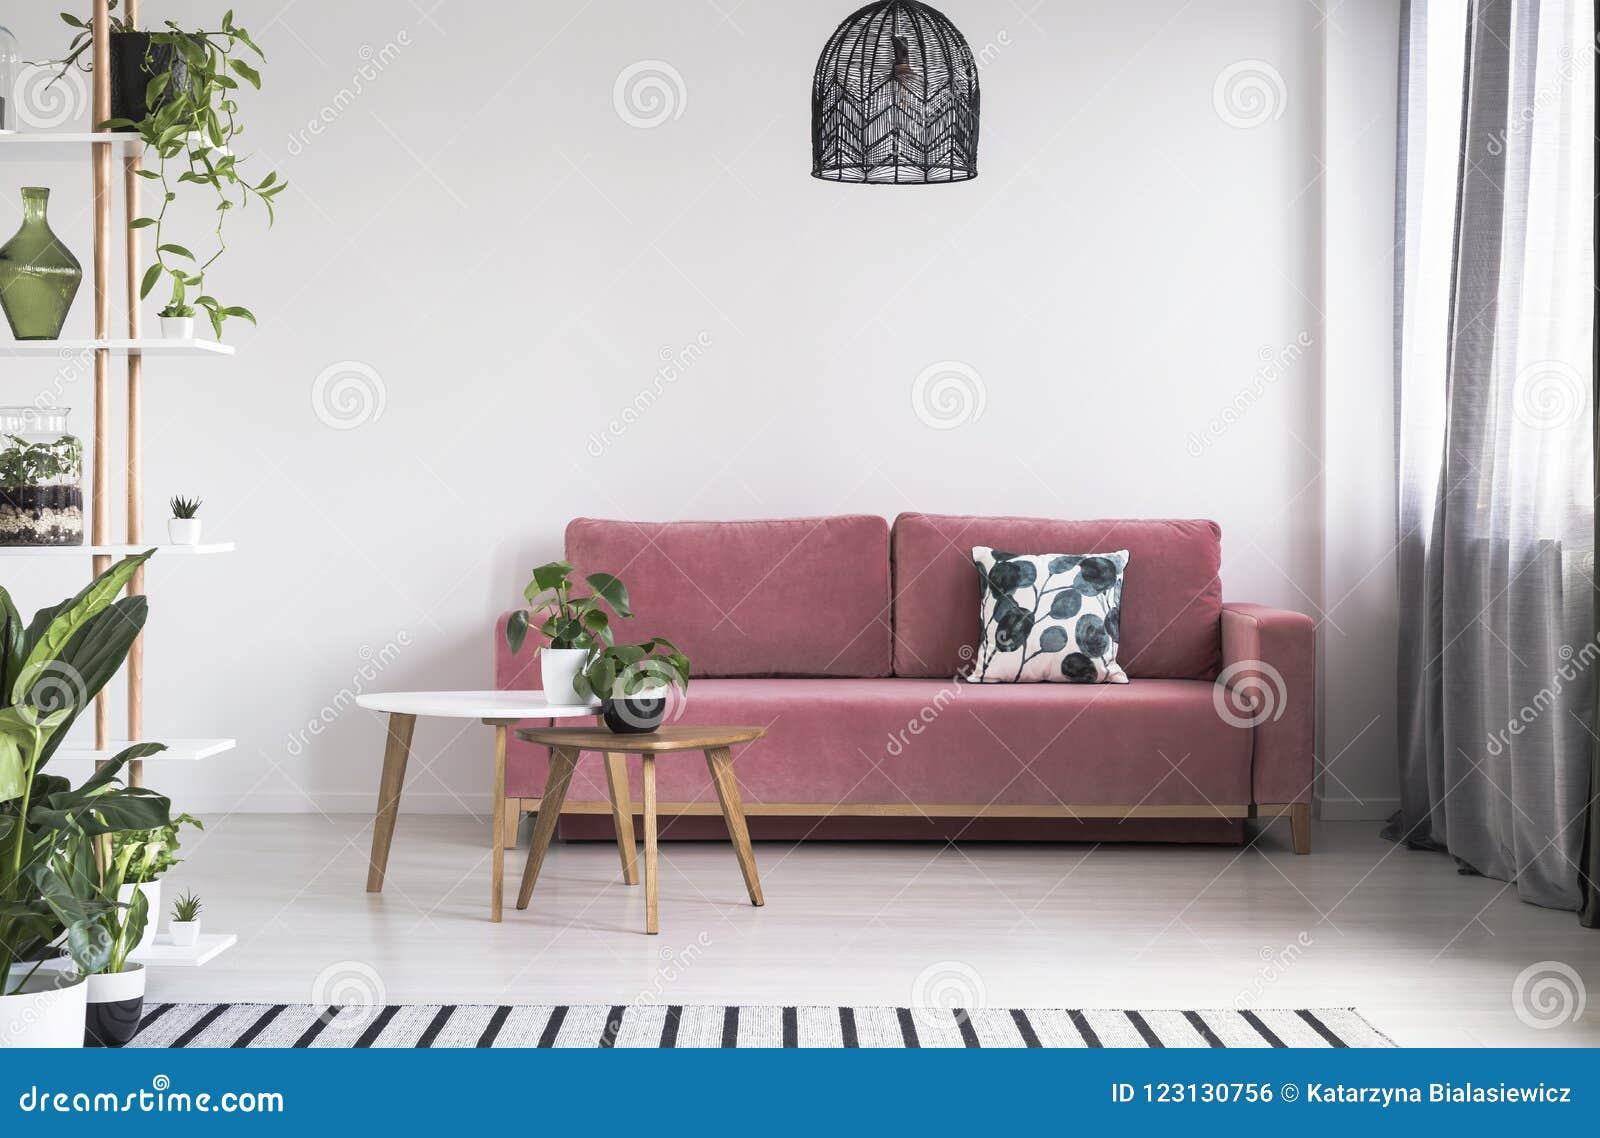 Installatie op lijst voor rode laag in helder woonkamerbinnenland met lamp Echte foto